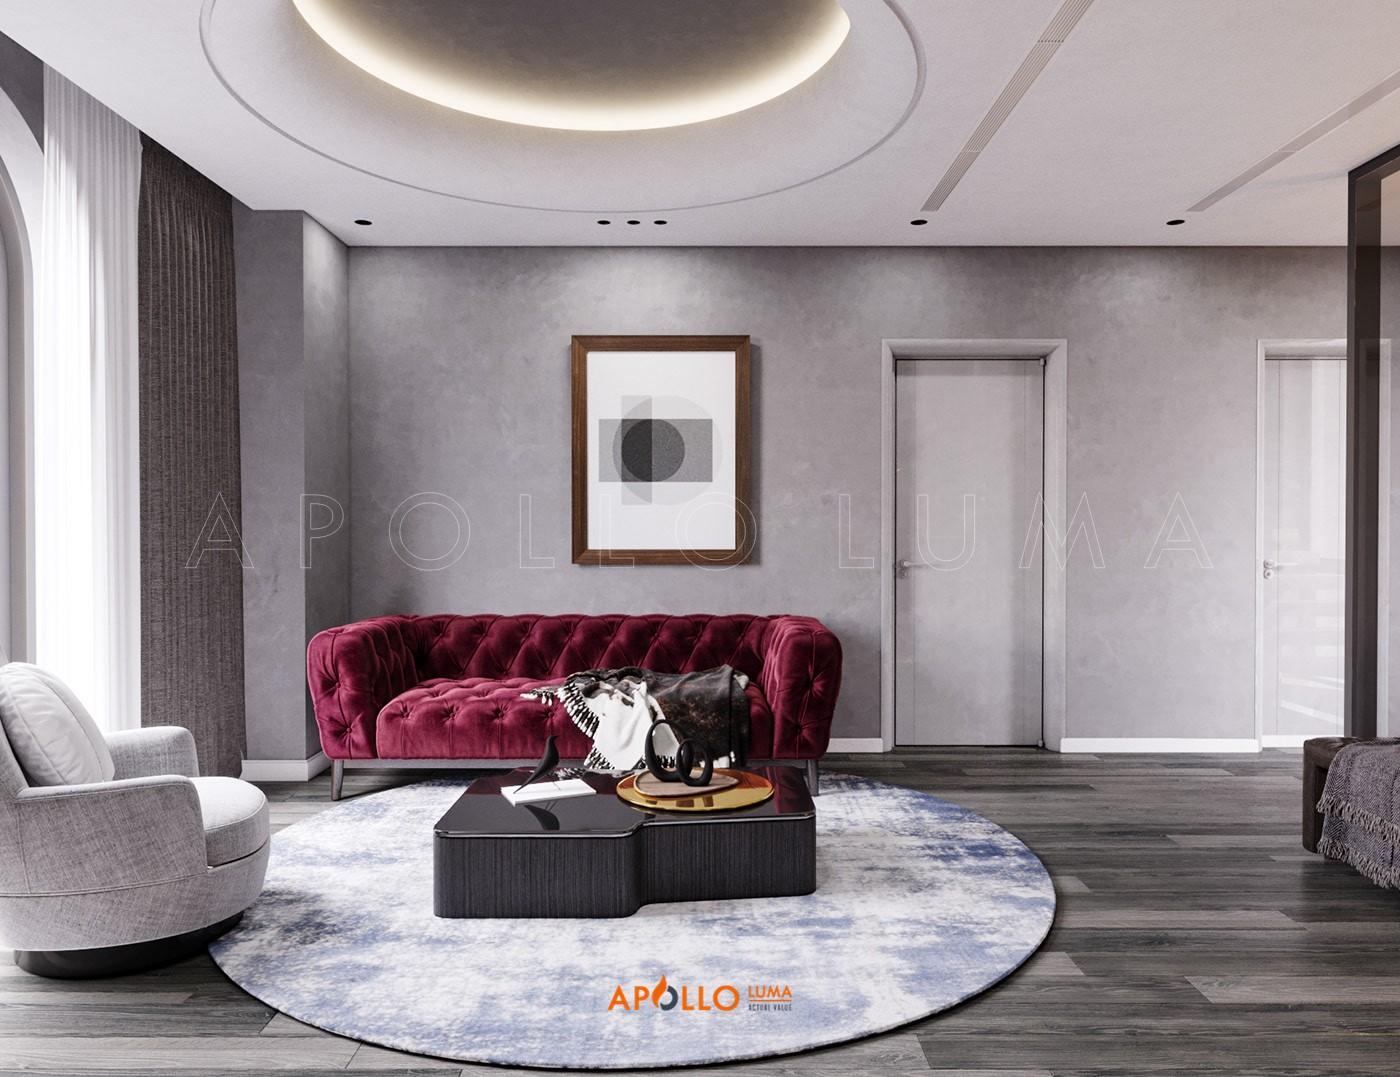 Thiết kế nội thất biệt thự song lập Vinhomes Ocean Park